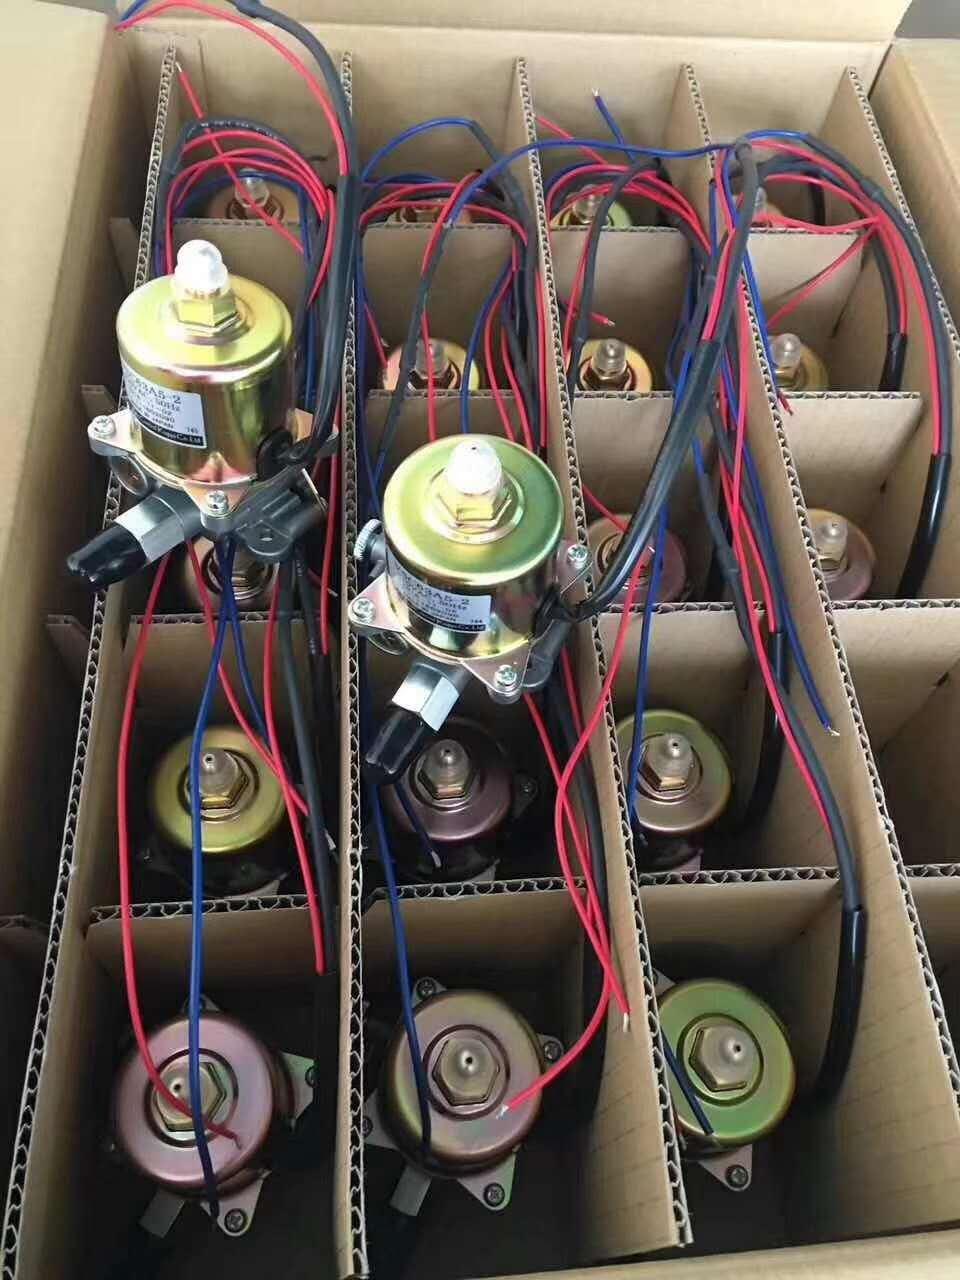 日本电磁泵 日本电磁泵品牌  日本电磁泵厂家  日本电磁泵价格  日本电磁泵哪家好